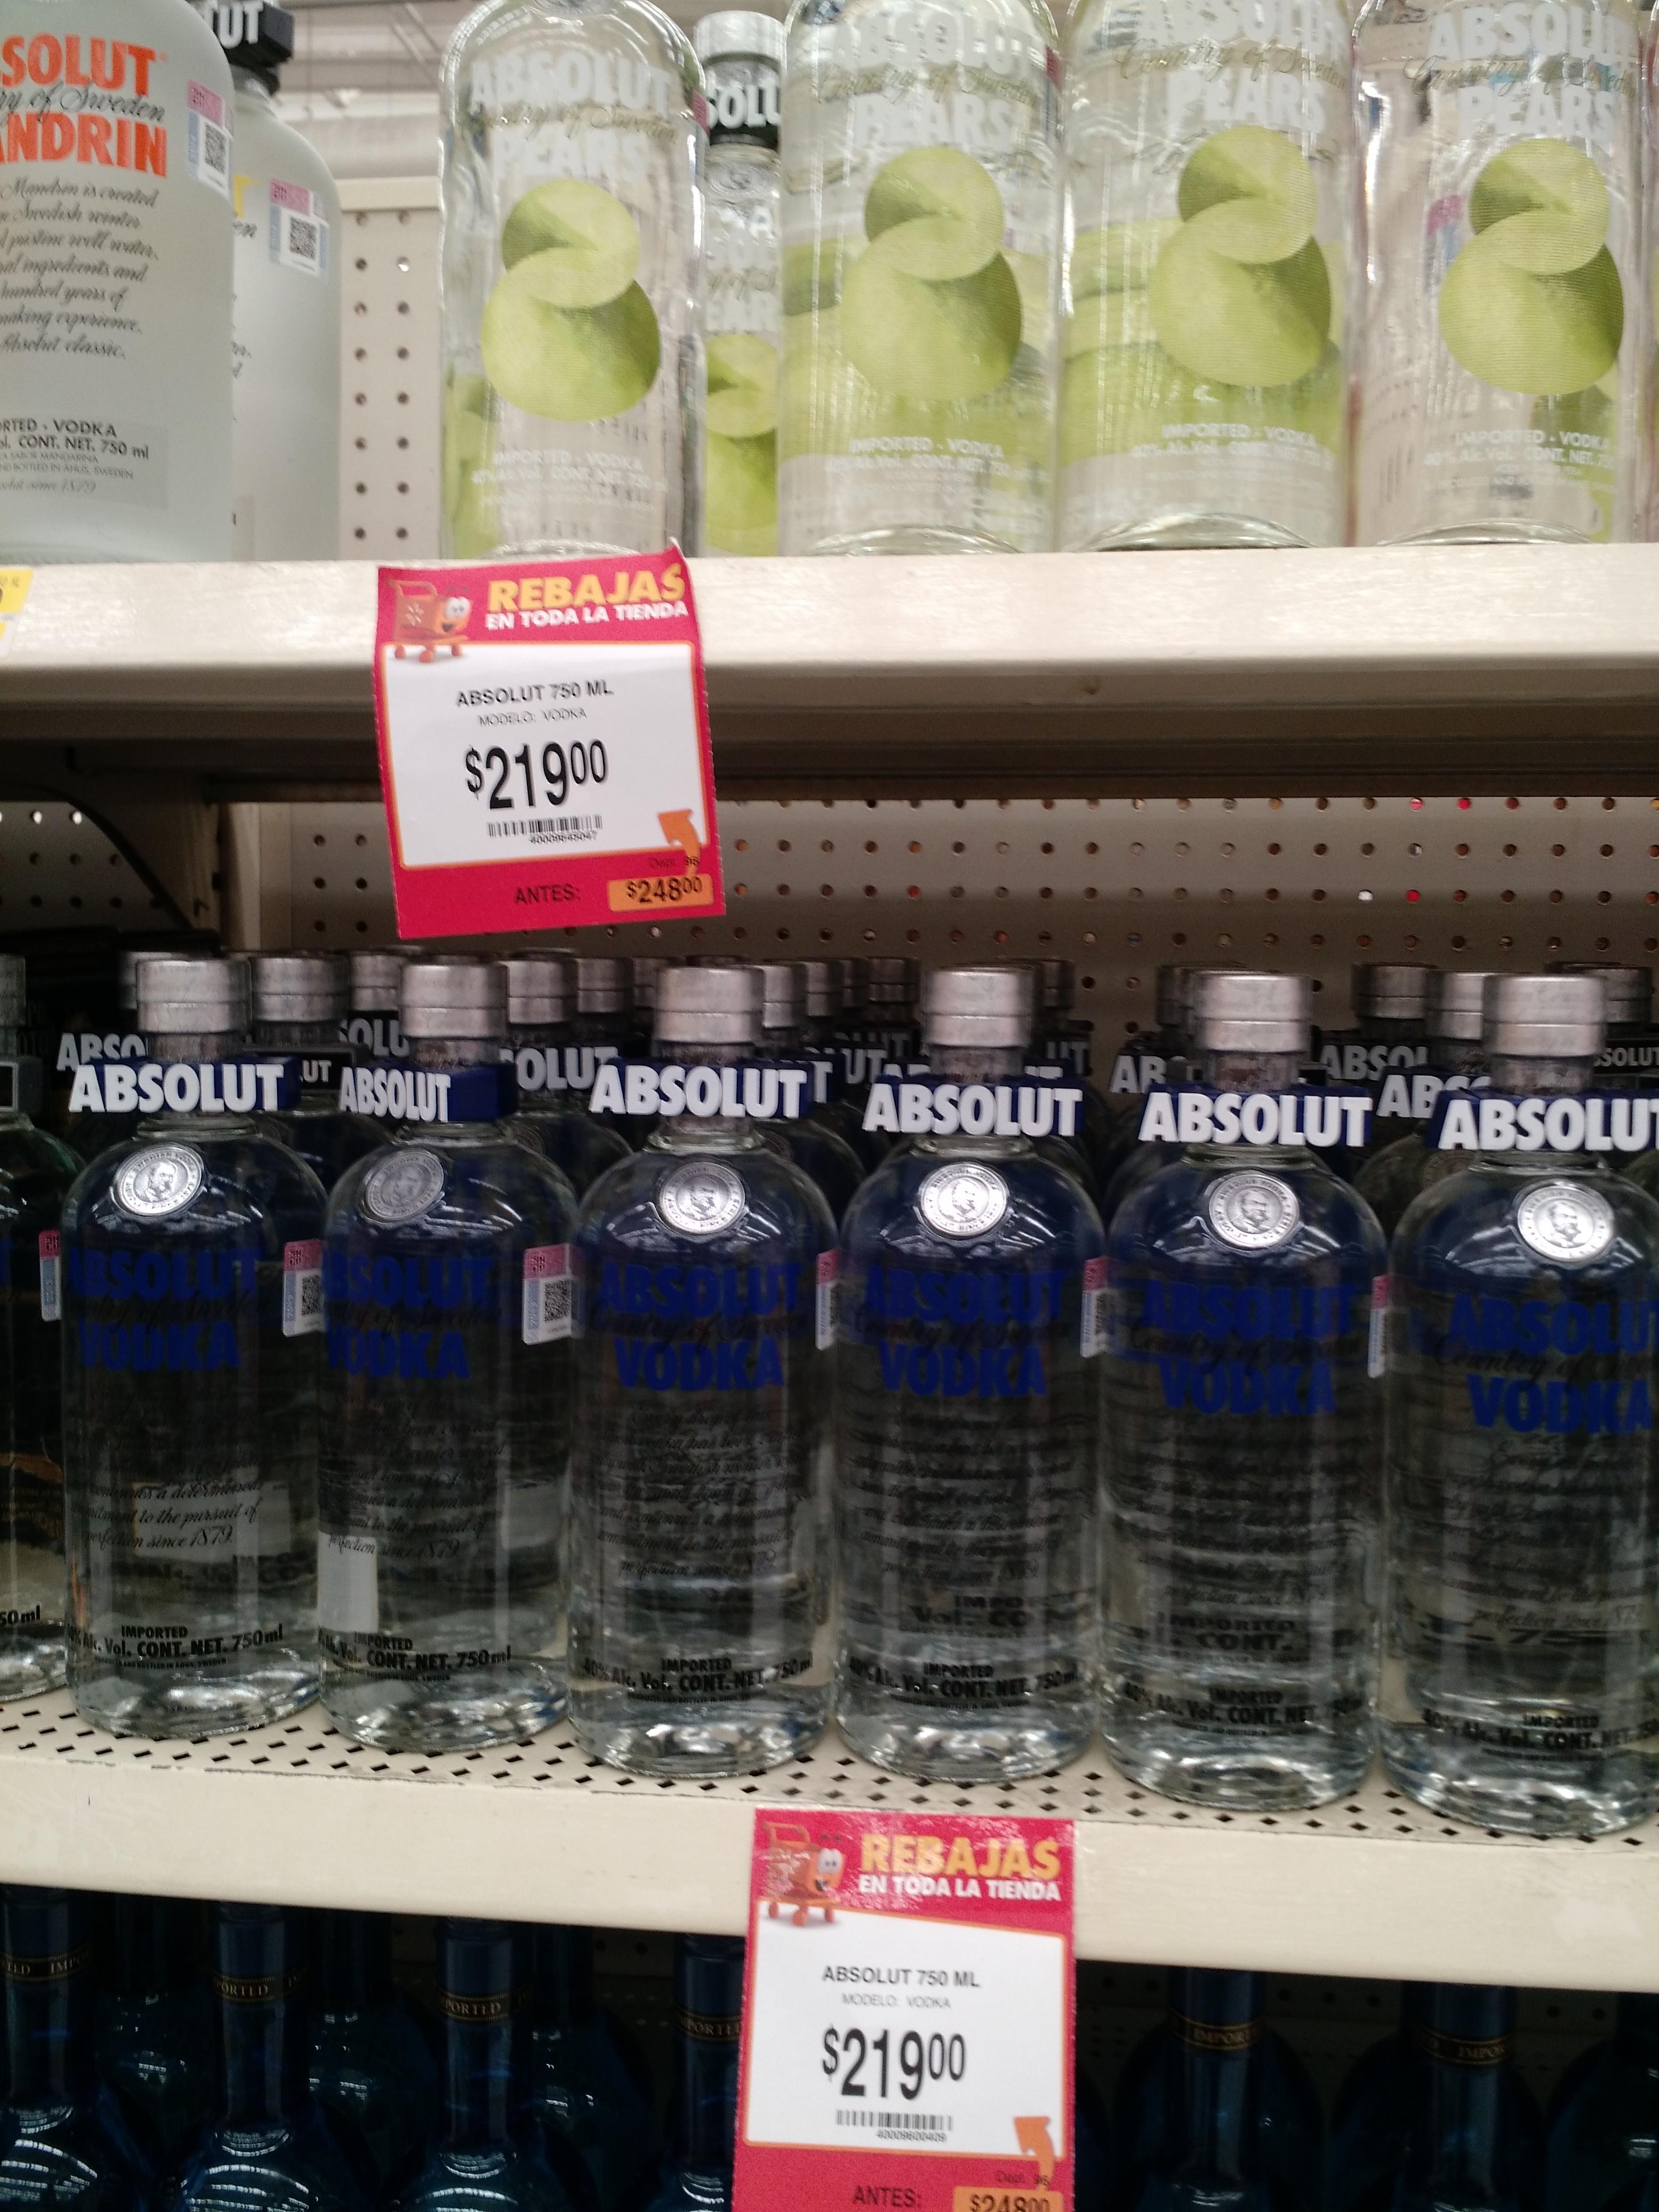 Walmart: Absolut Normal y Sabores $219. precio normal $249